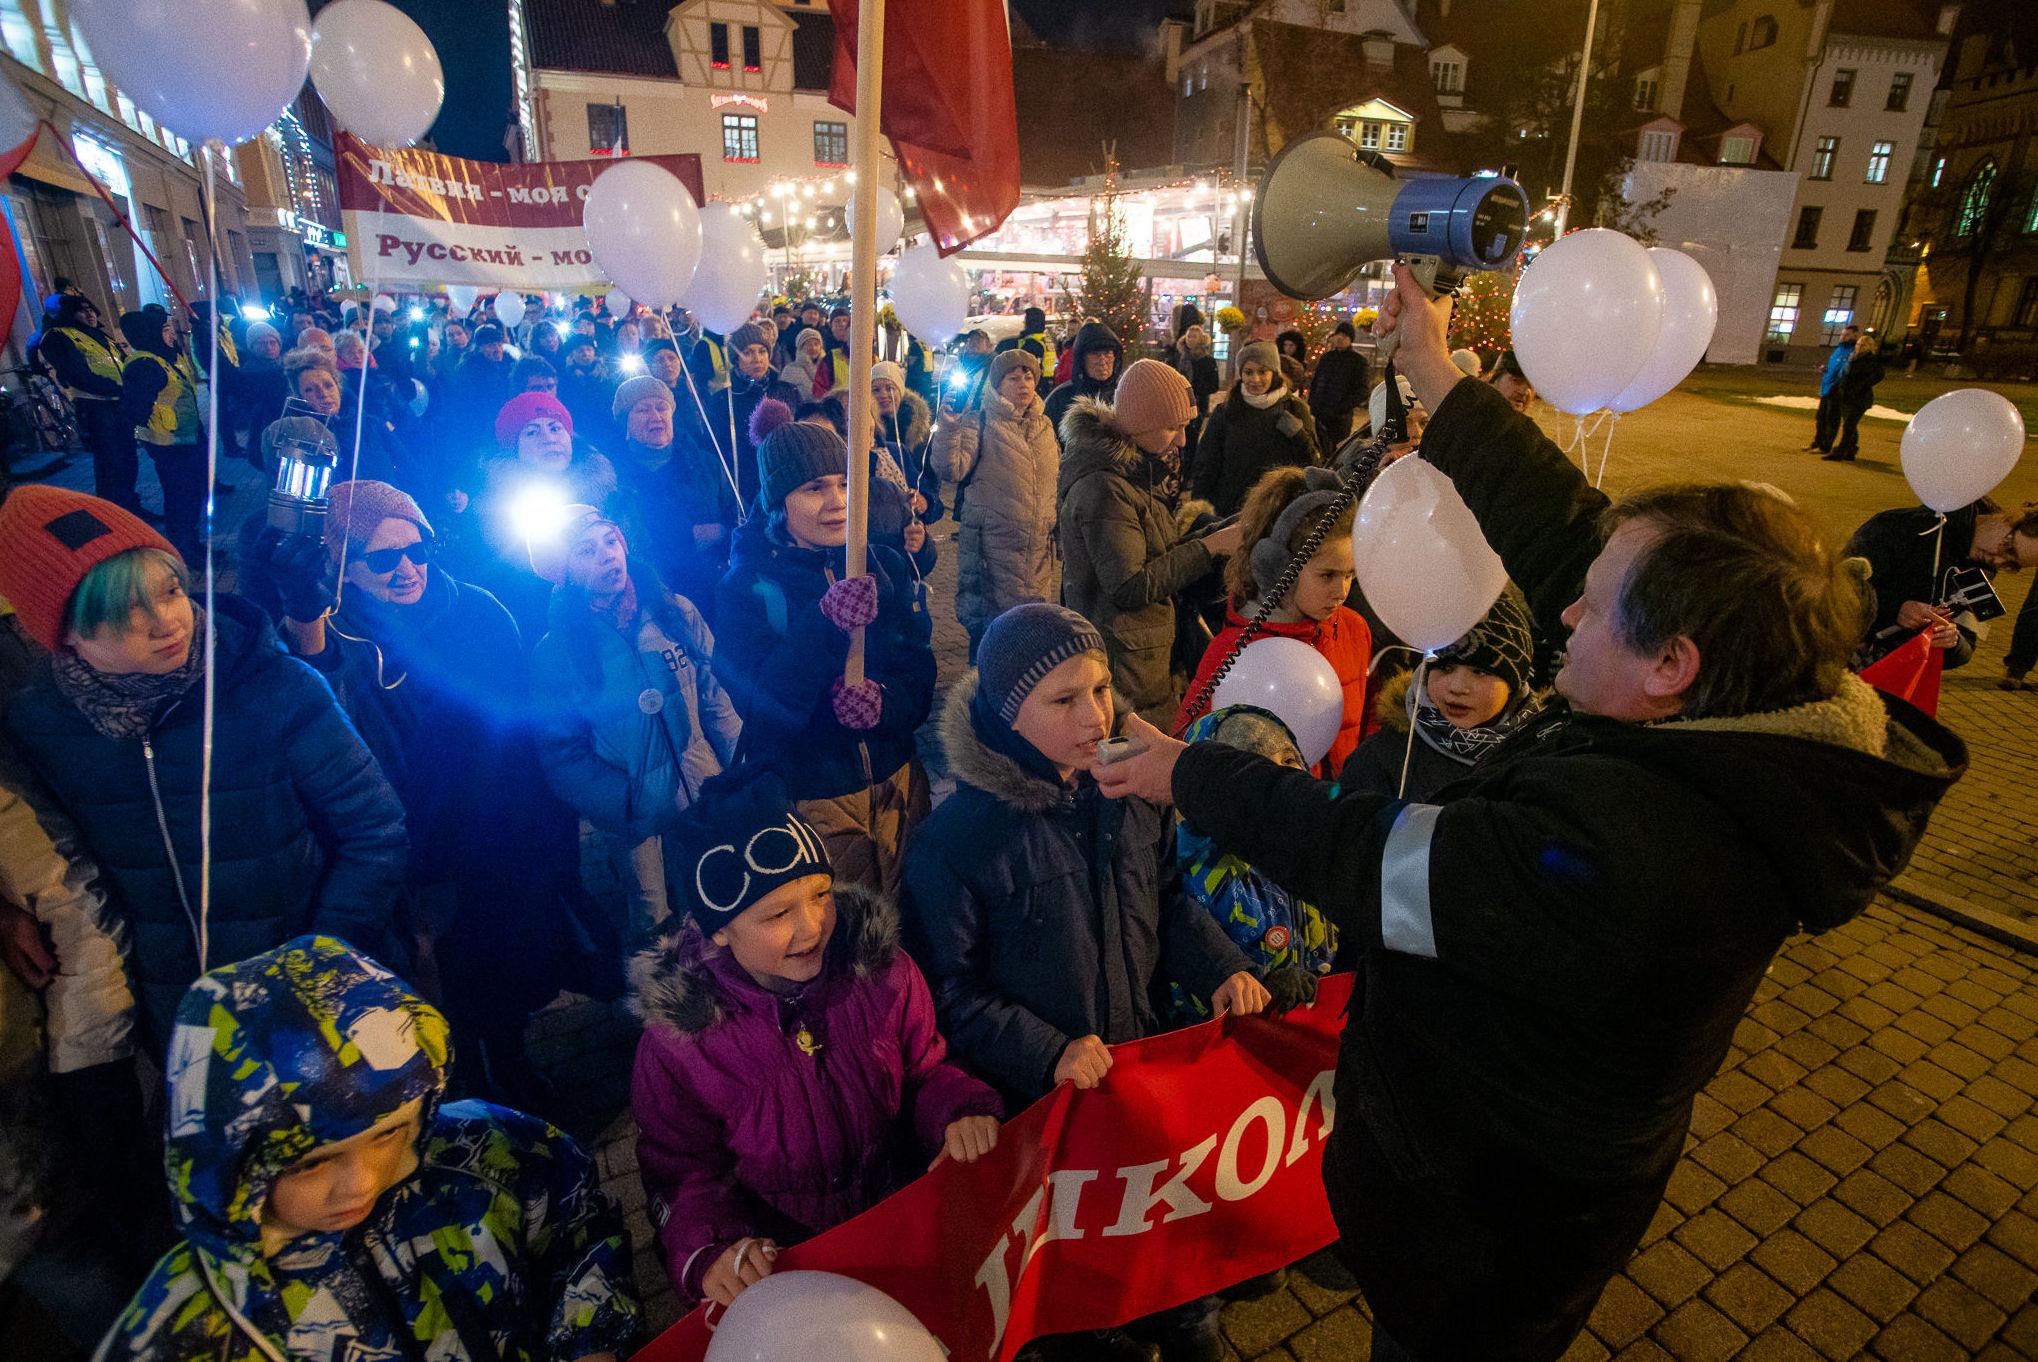 """Участники акции протеста """"Марш света против тьмы"""", против перевода всех школ национальных меньшинств на латышский язык обучения, в Риге, 5 декабря 2019"""